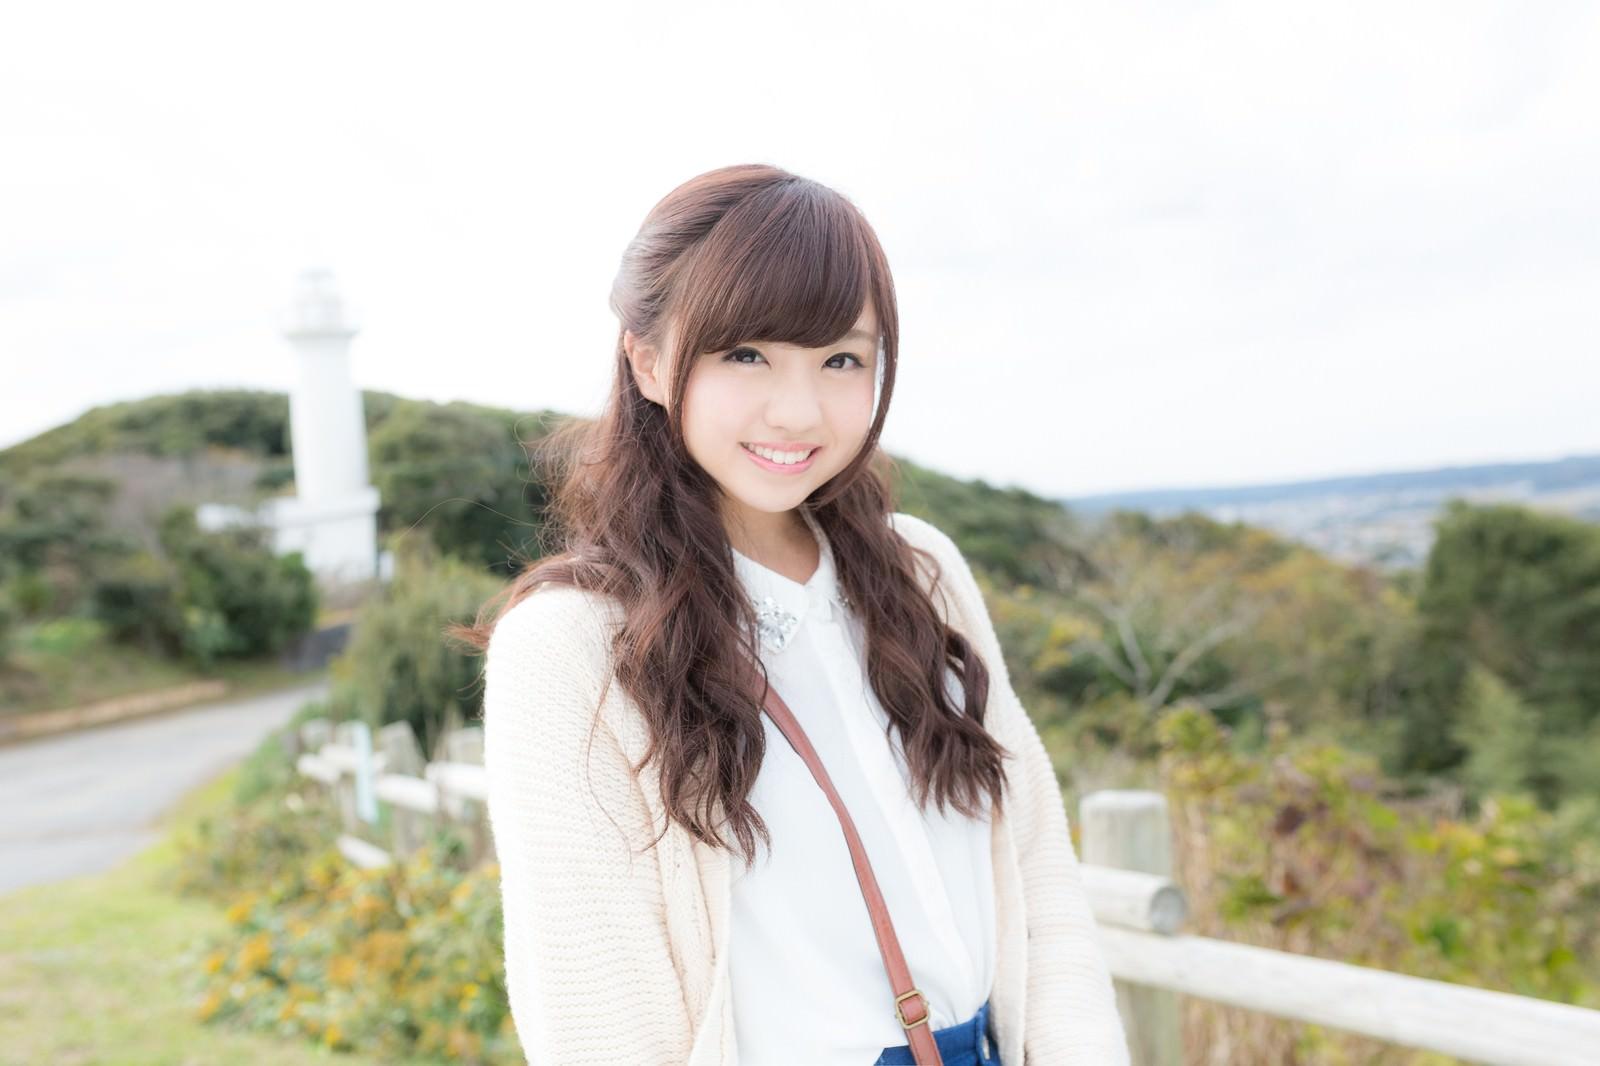 太東崎灯台で彼女とデート